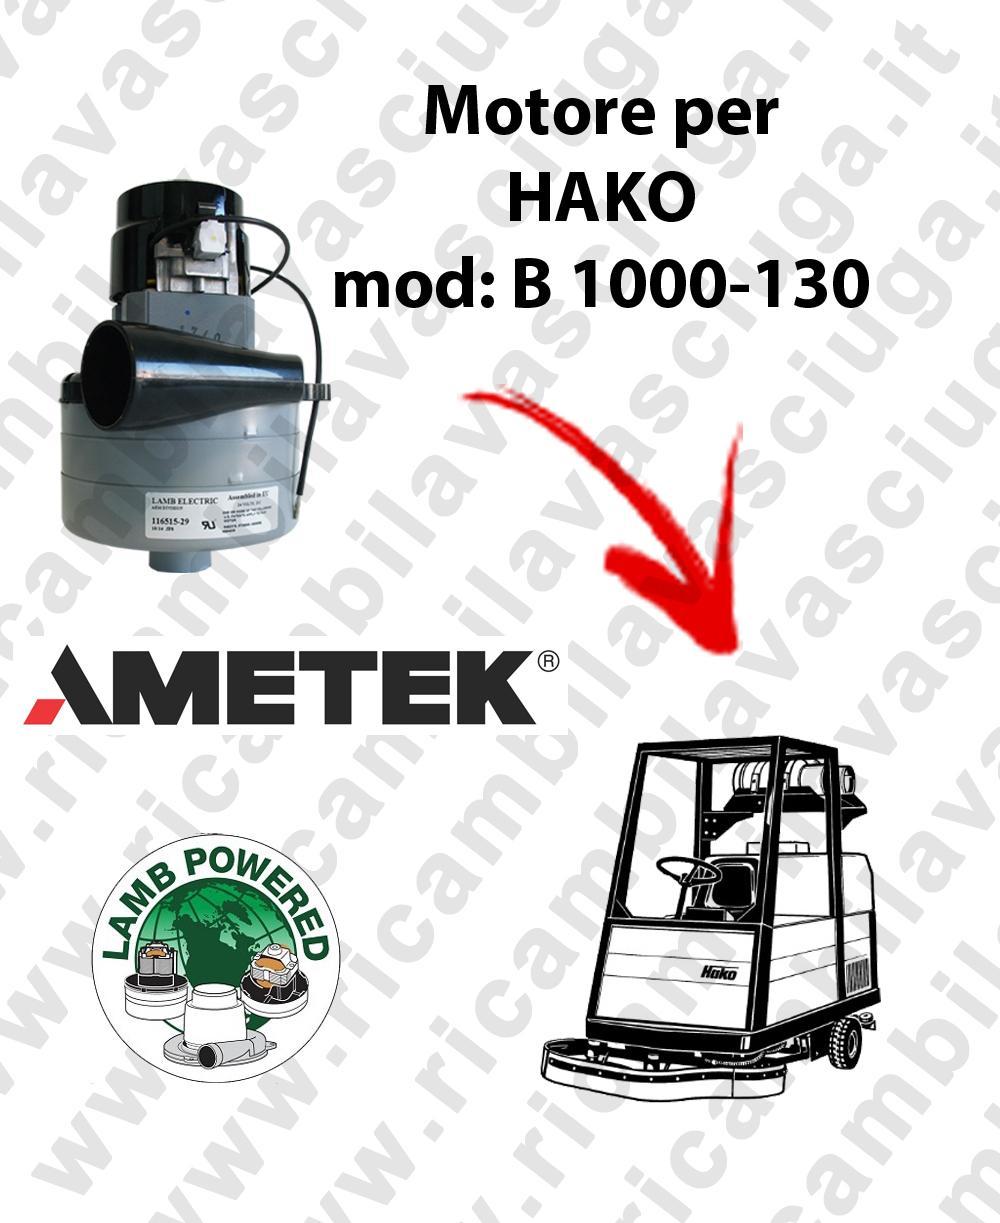 B 1000-130 Moteurs aspiration LAMB AMETEK pour autolaveuses HAKO